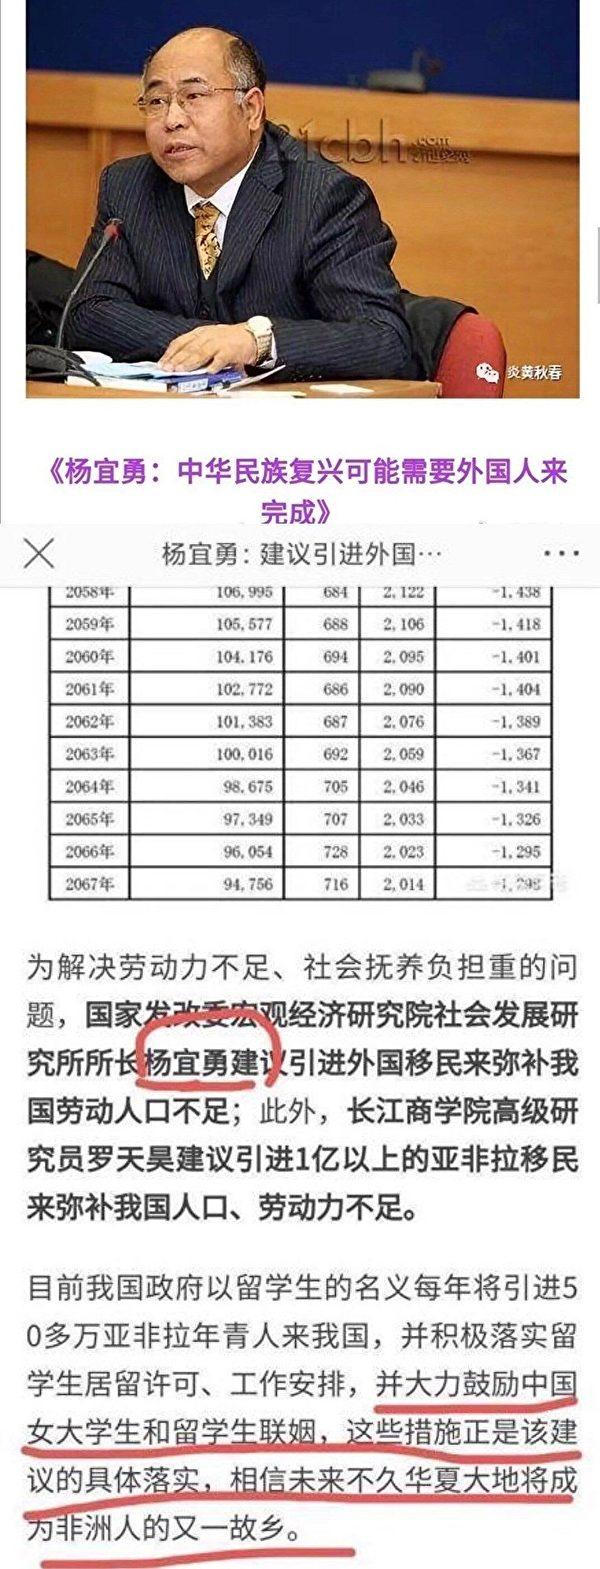 中國社會發展研究所所長楊宜勇也成為網民討伐的對象。(截圖)